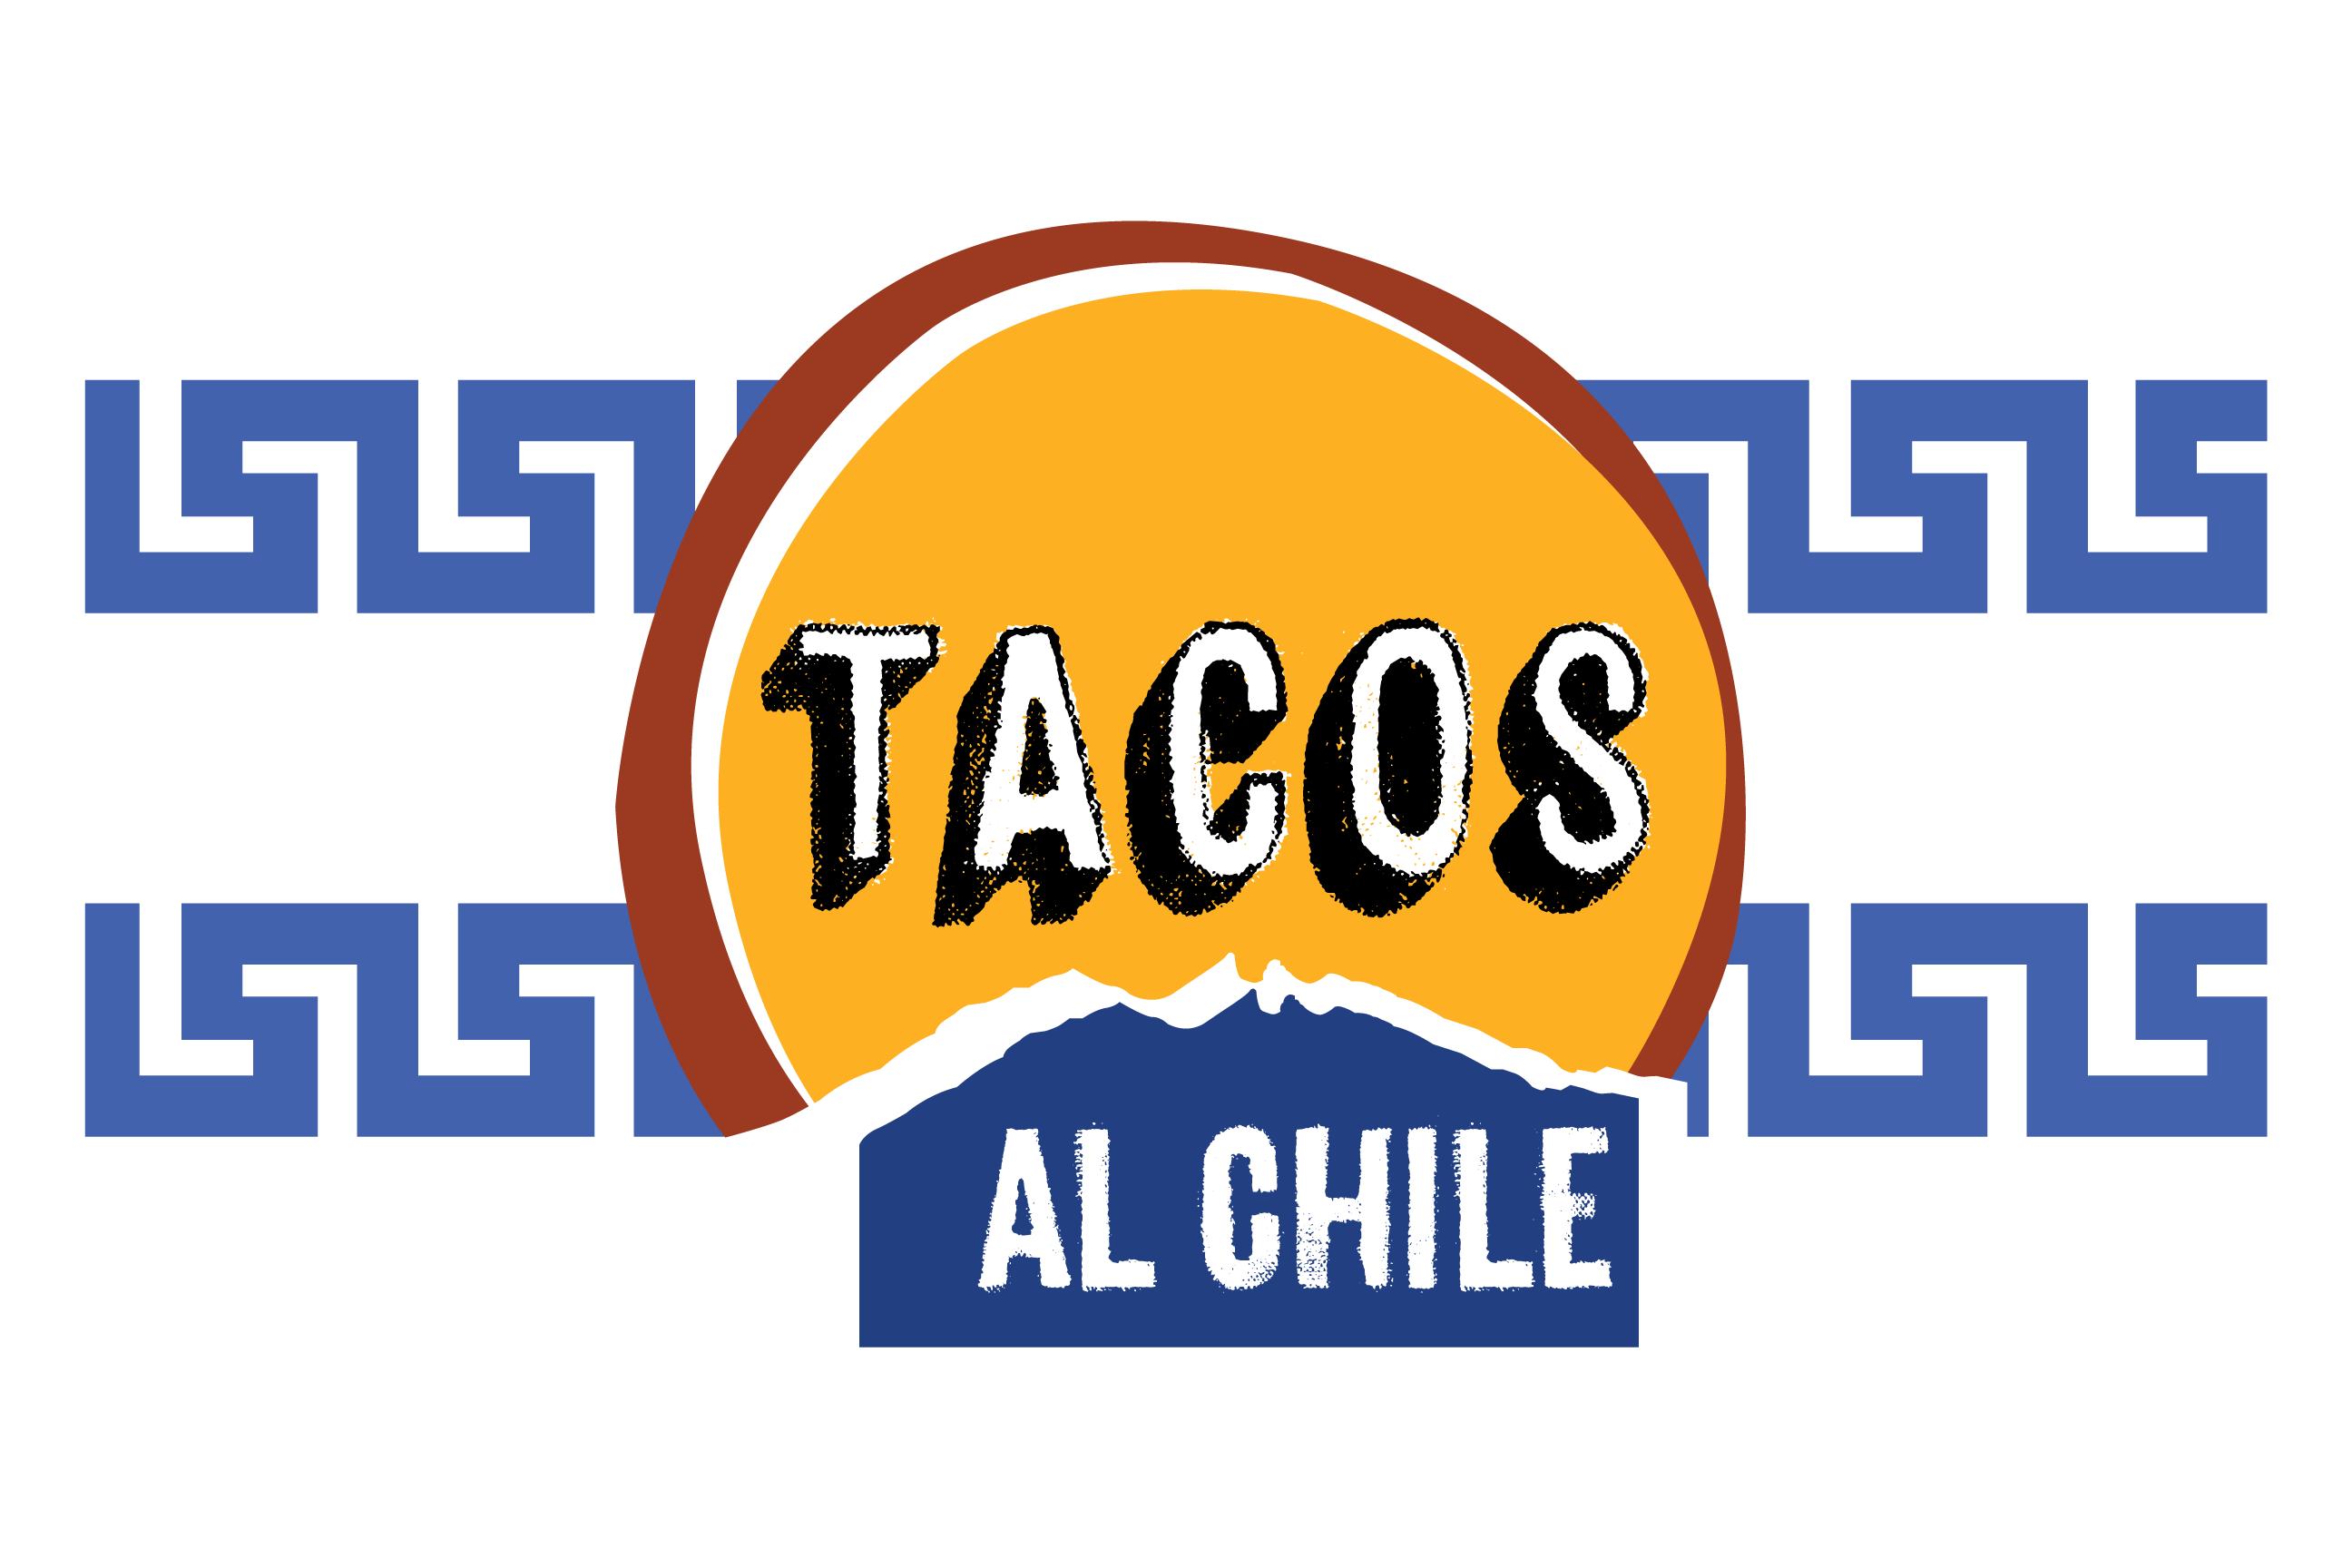 Tacos Al Chile